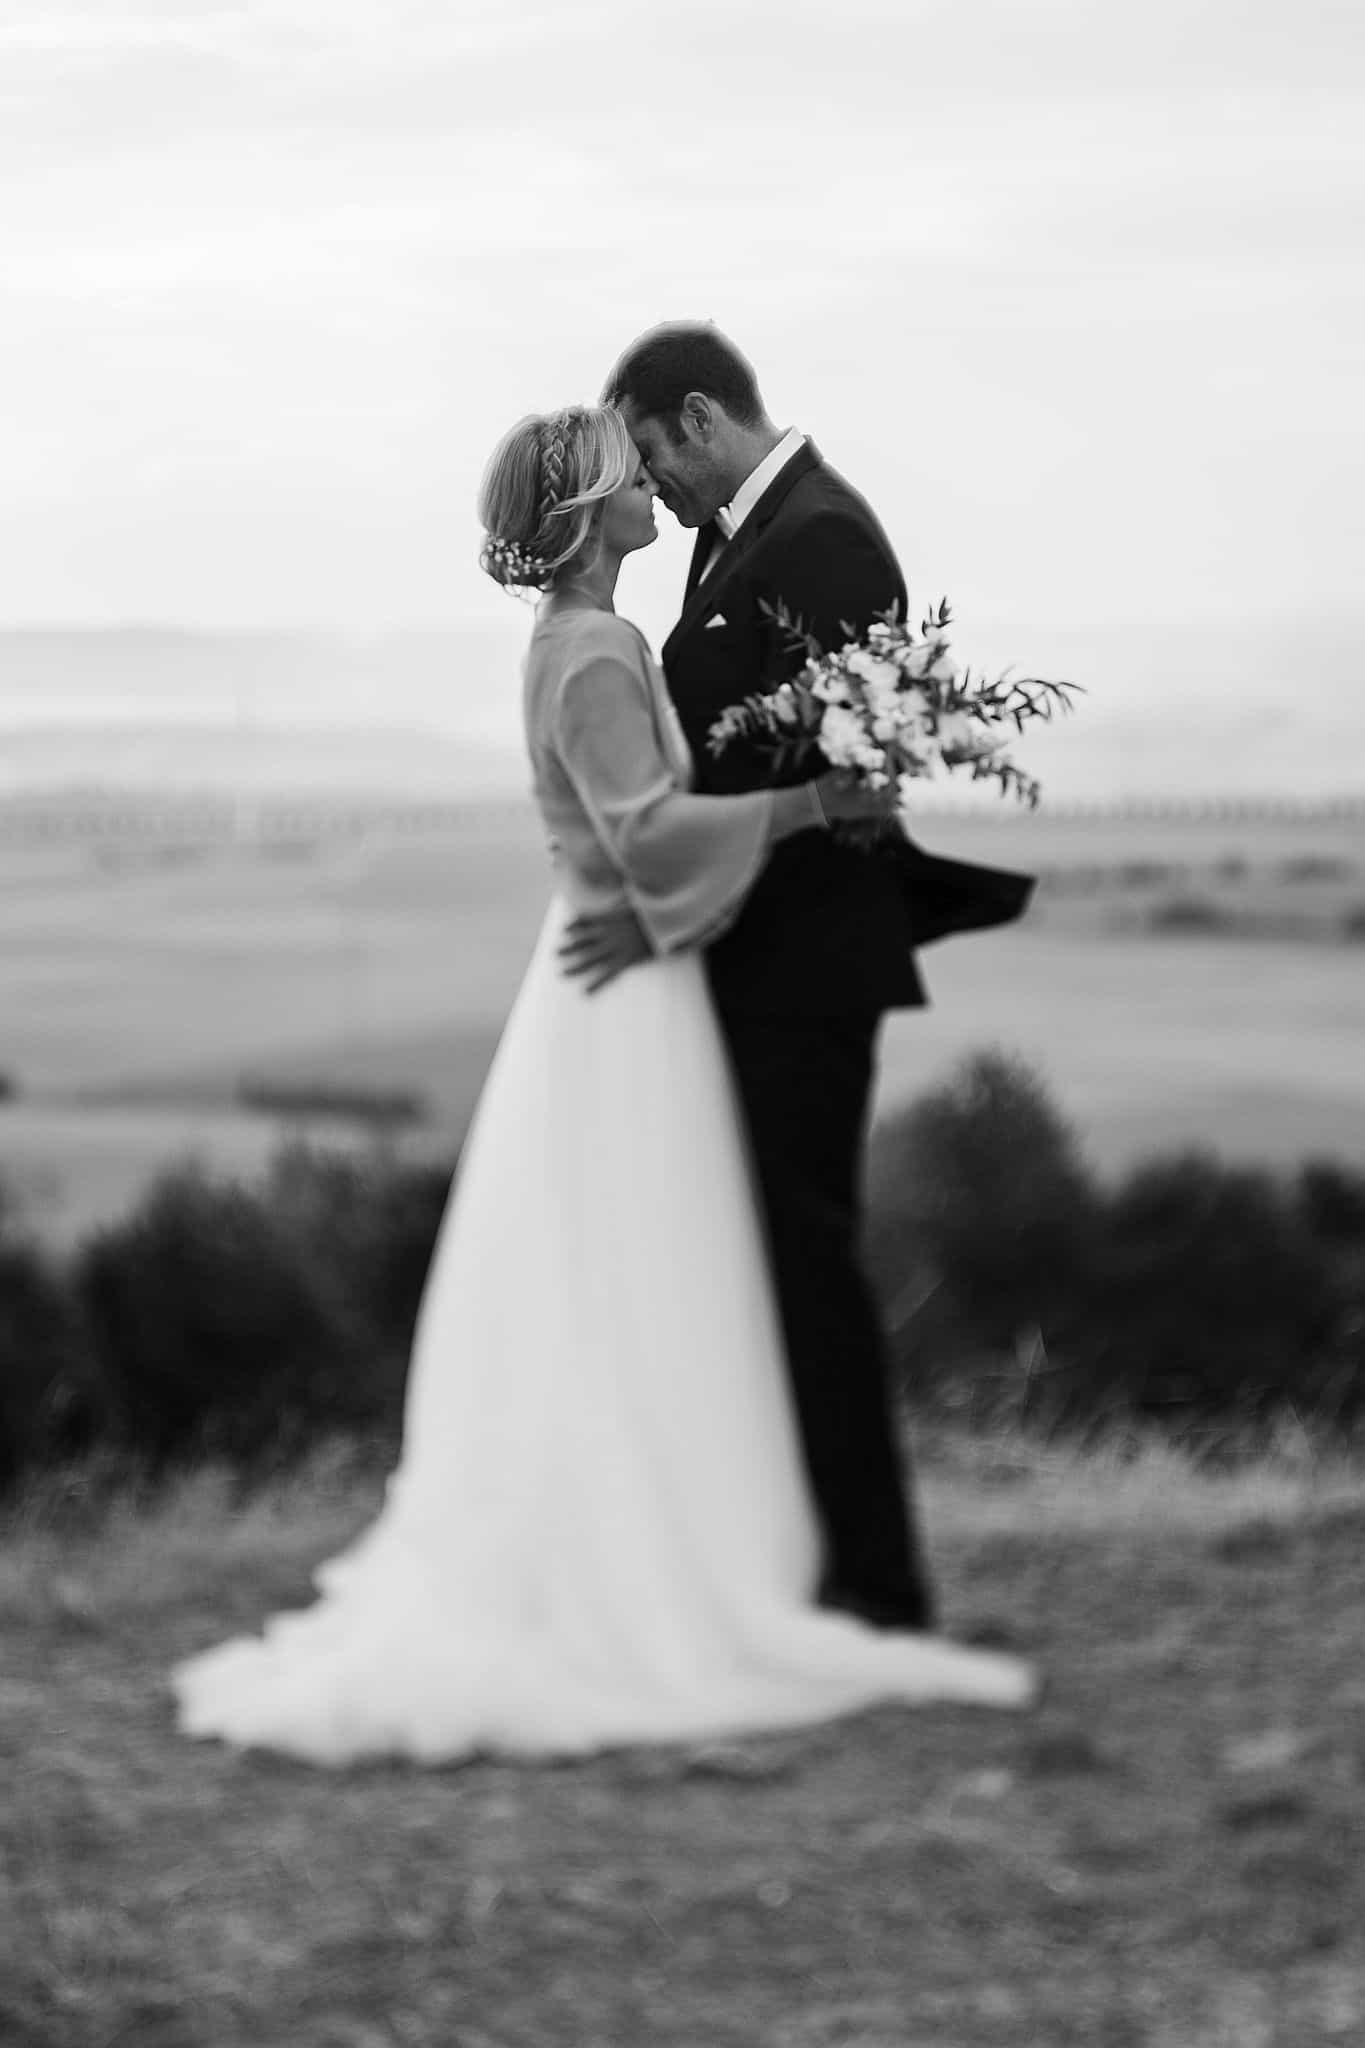 Trotz des unbeständigen Wetters konnten wir Traumhafte Hochzeitsfotos machen!